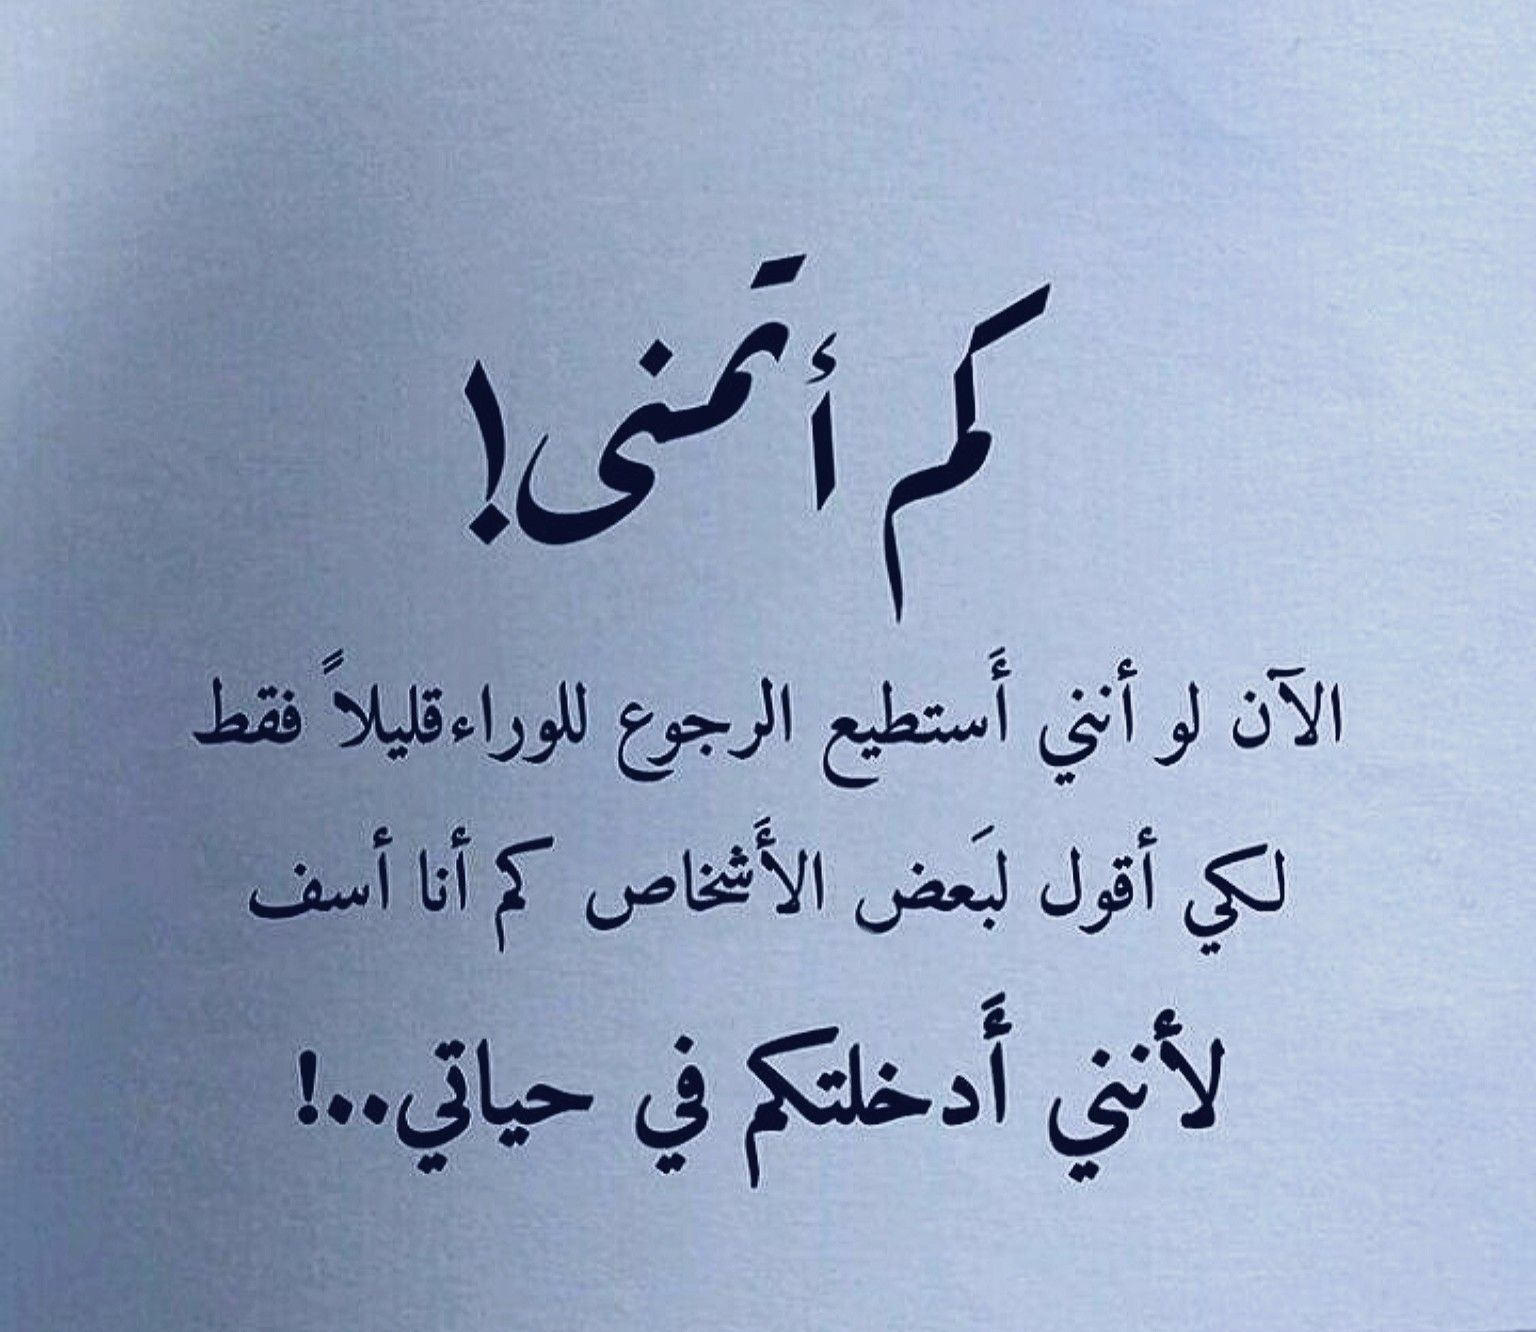 نعم والله ندم Words Quotes Arabic Love Quotes Arabic Tattoo Quotes